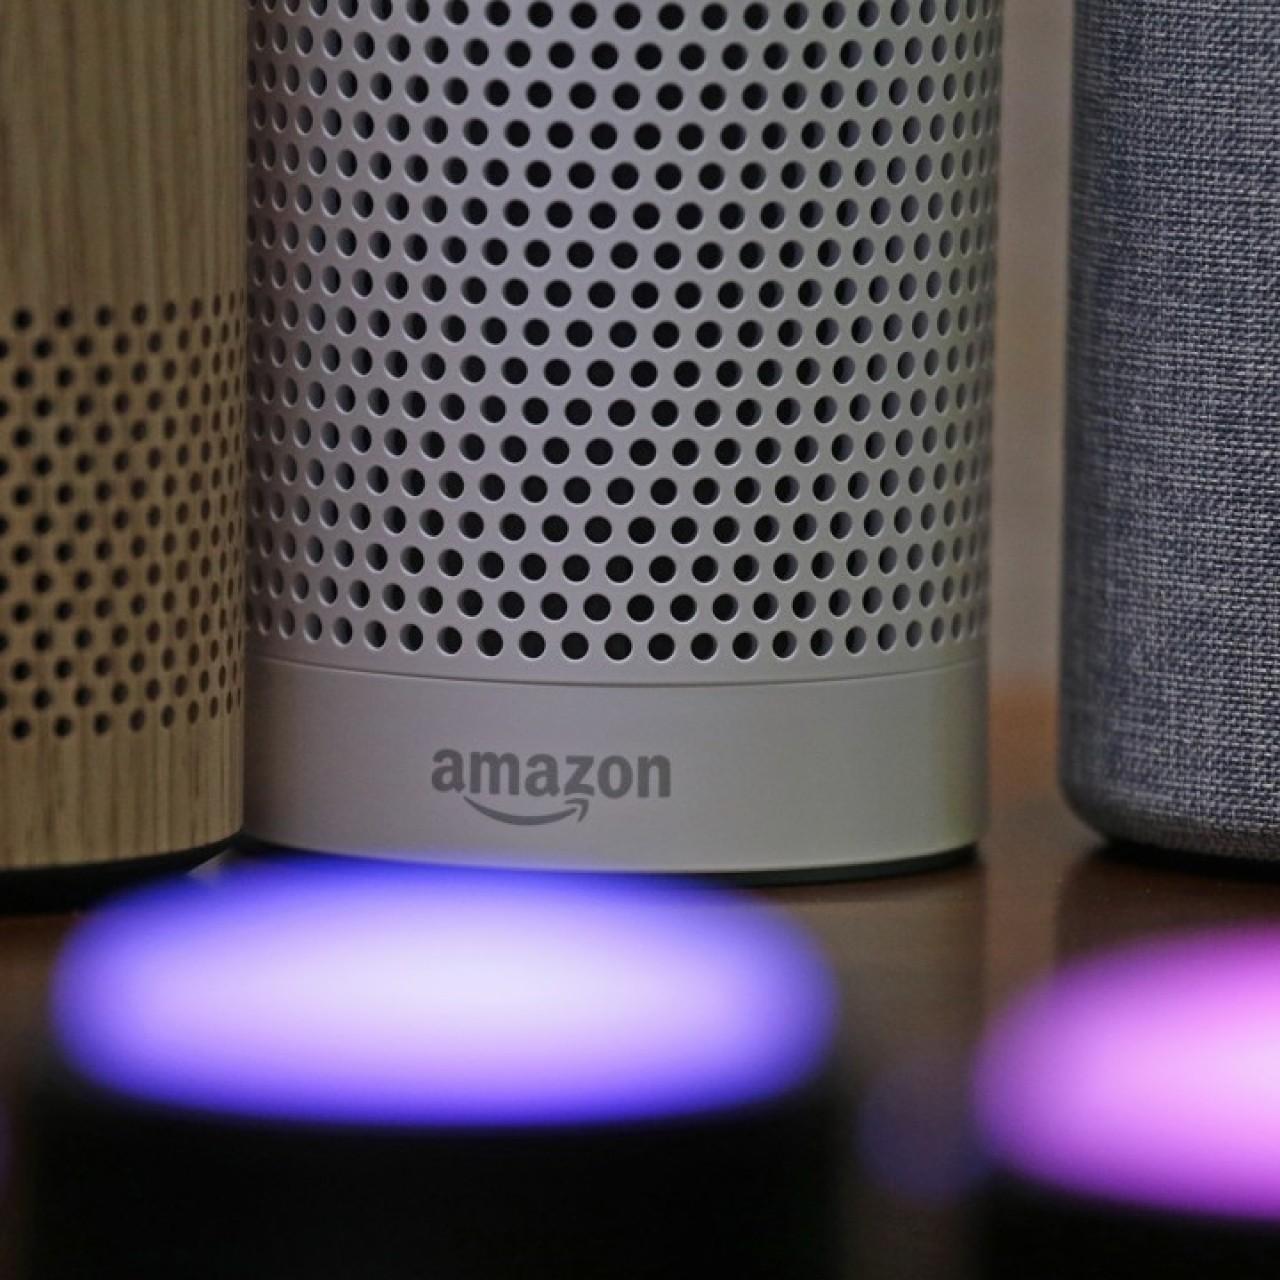 Creepy': Amazon's Alexa is randomly laughing at users